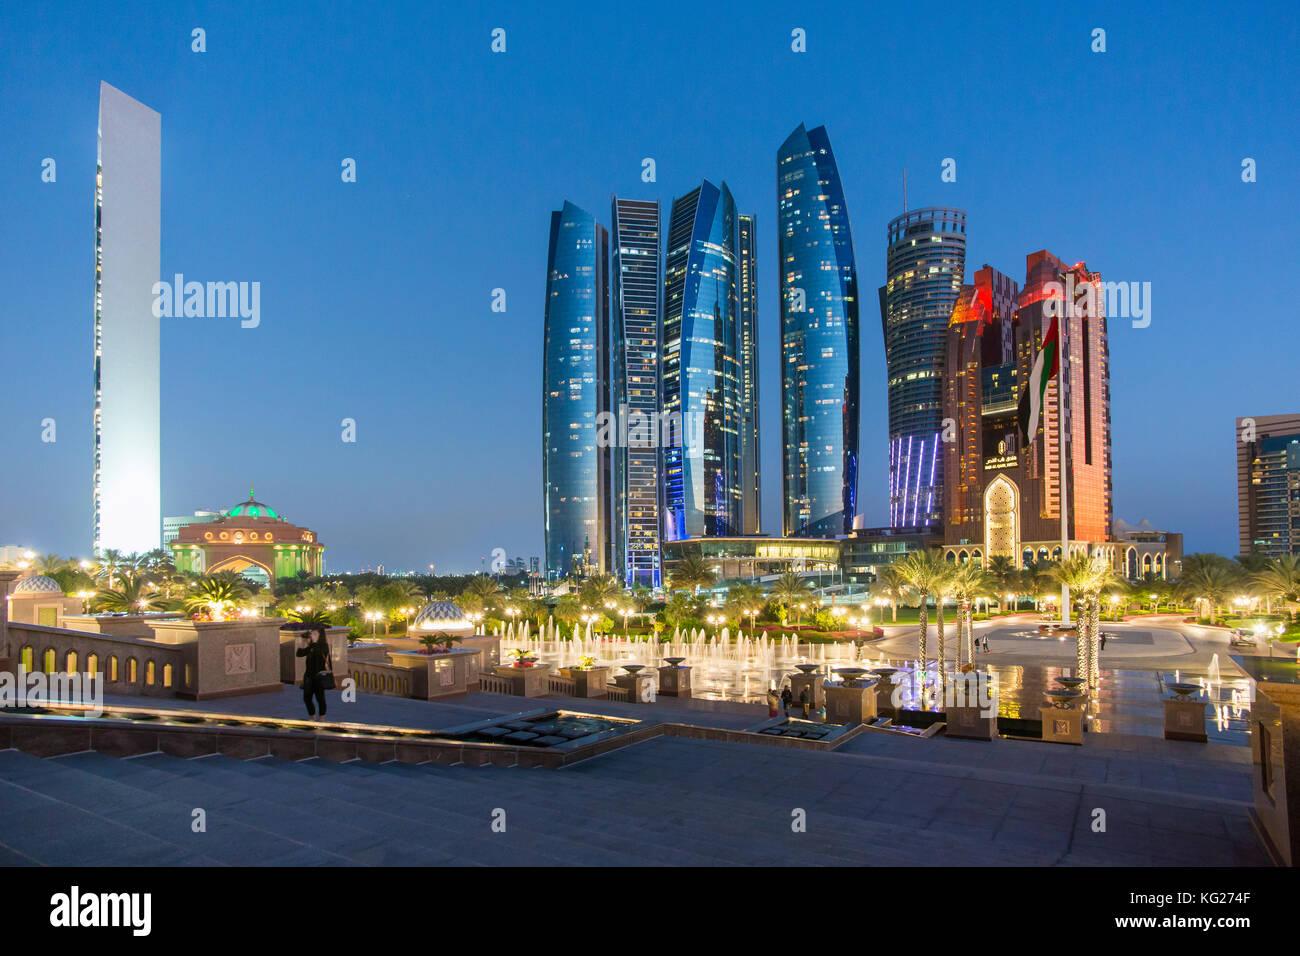 Etihad Towers über den Brunnen des Emirates Palace Hotel, Abu Dhabi, Vereinigte Arabische Emirate, Naher Osten Stockbild